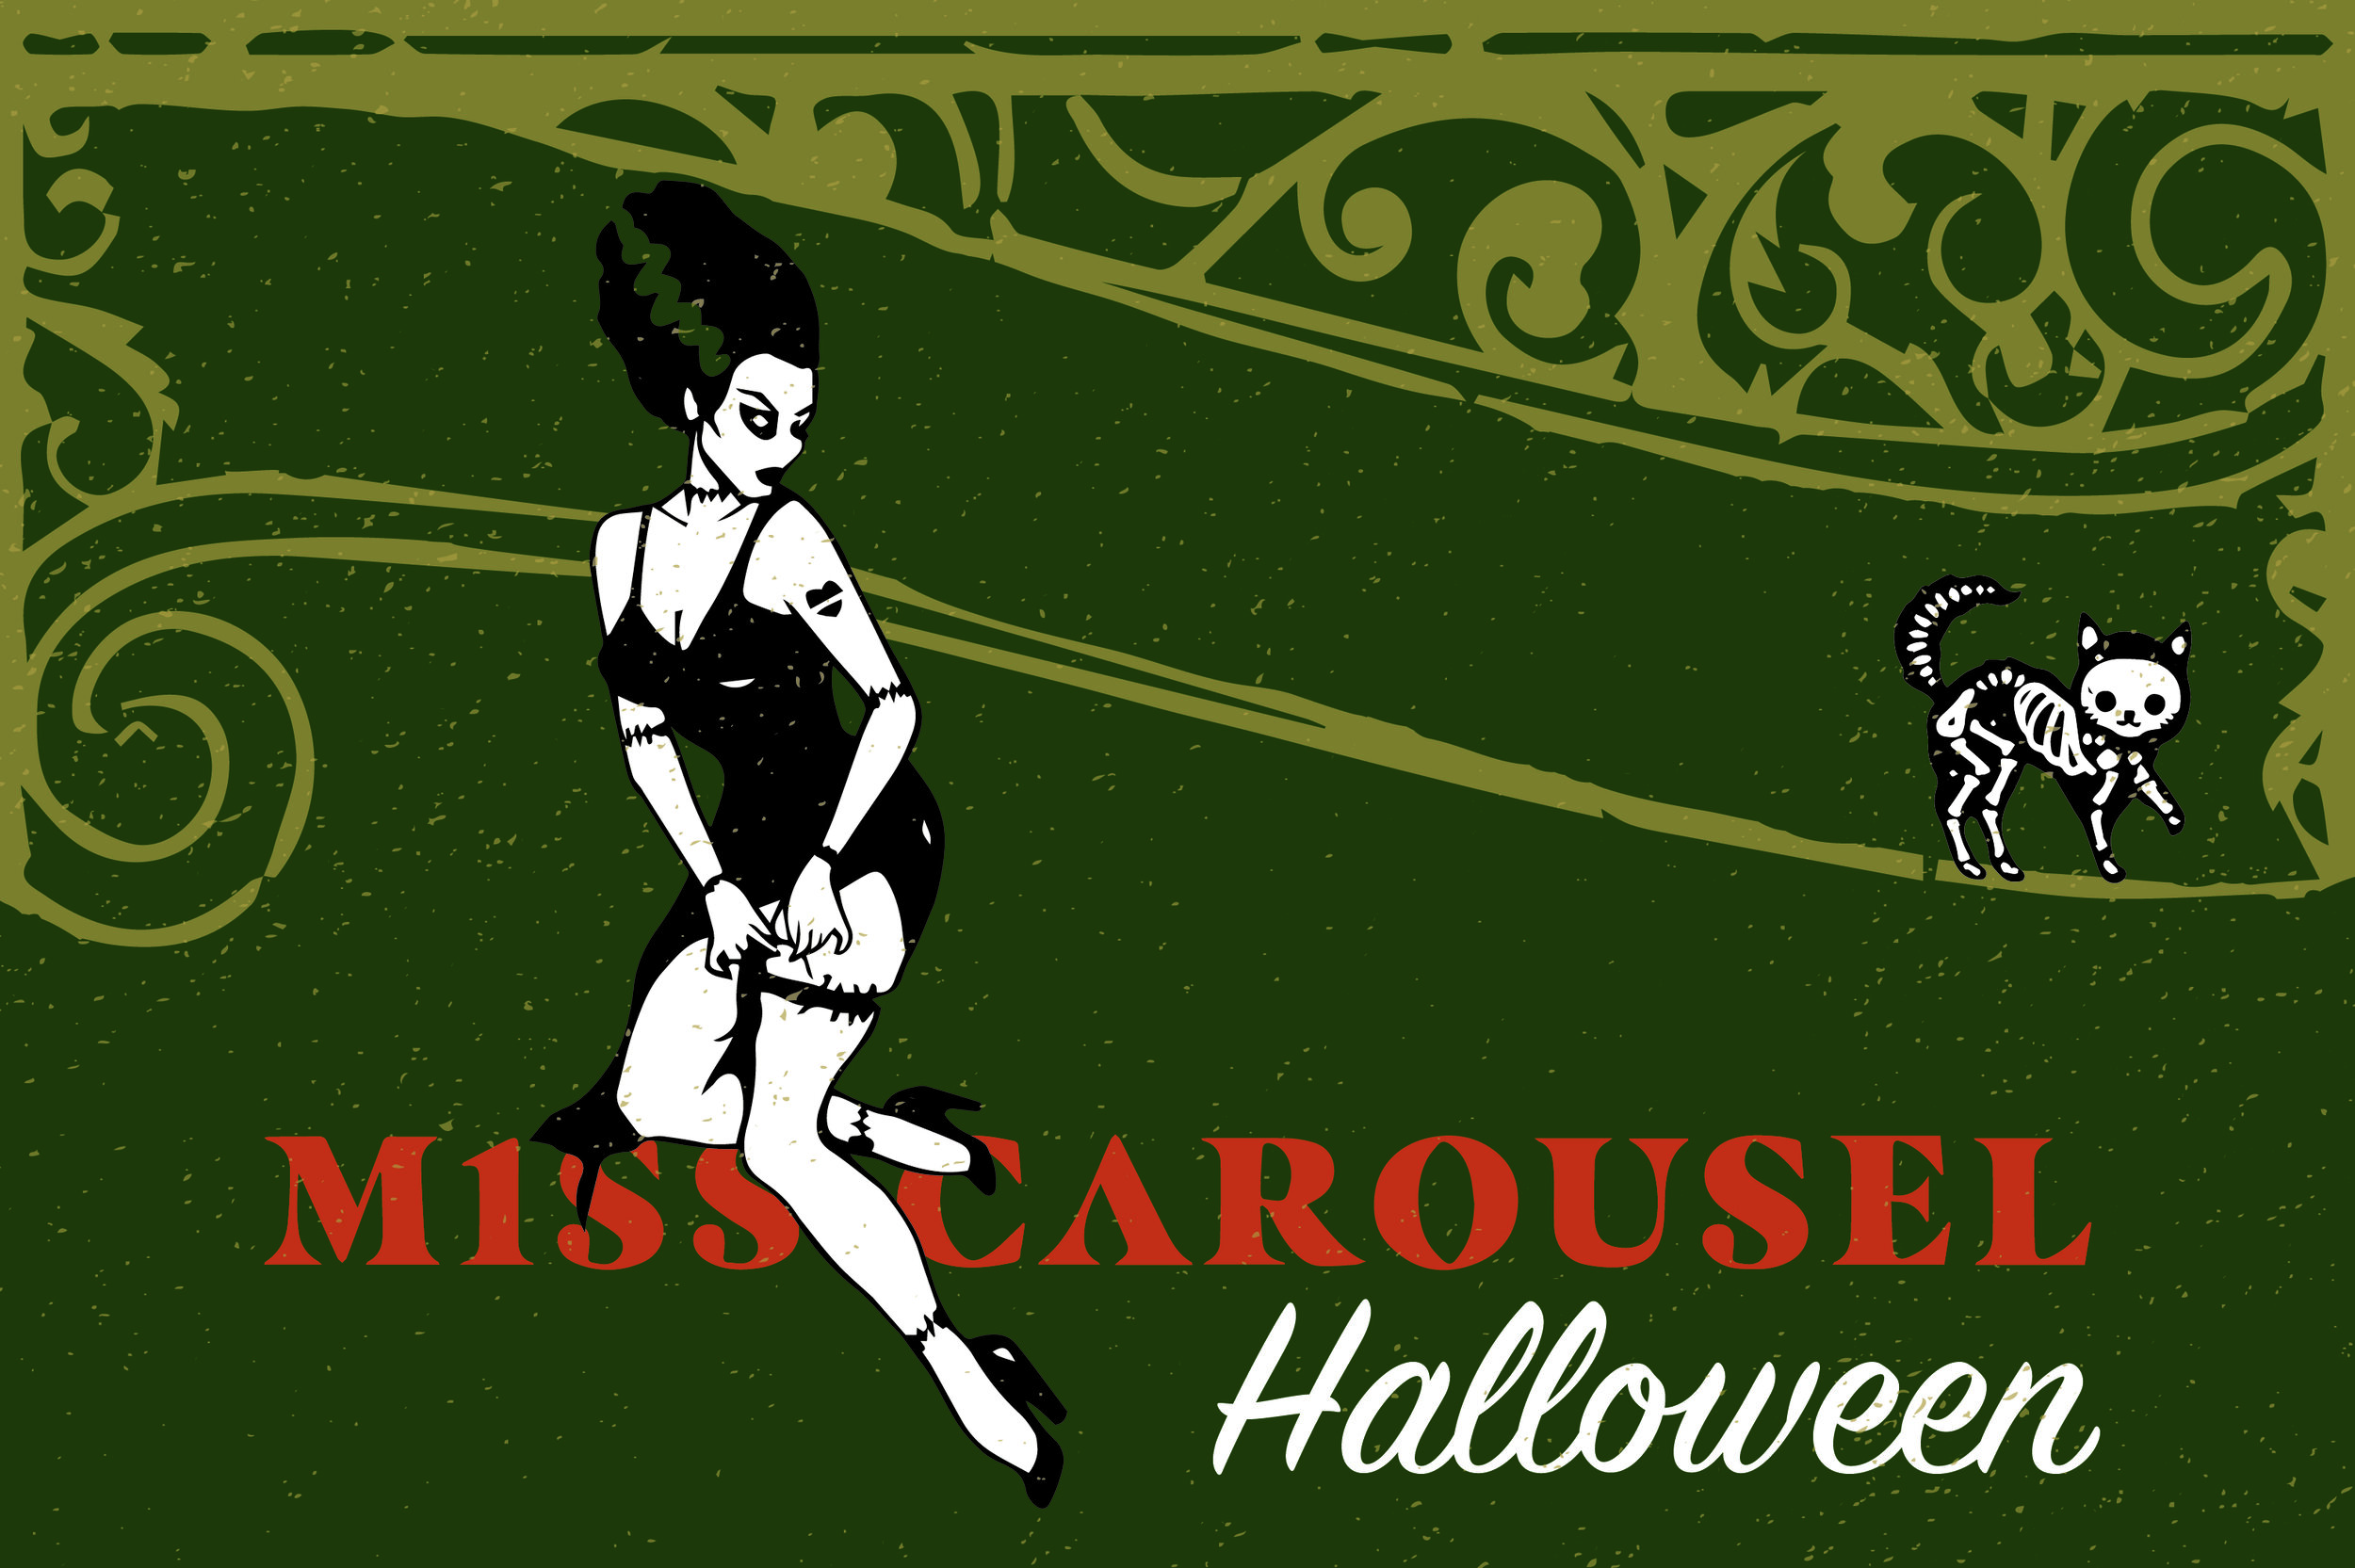 MissCarousel-Halloween-WebsiteCalendar.jpg